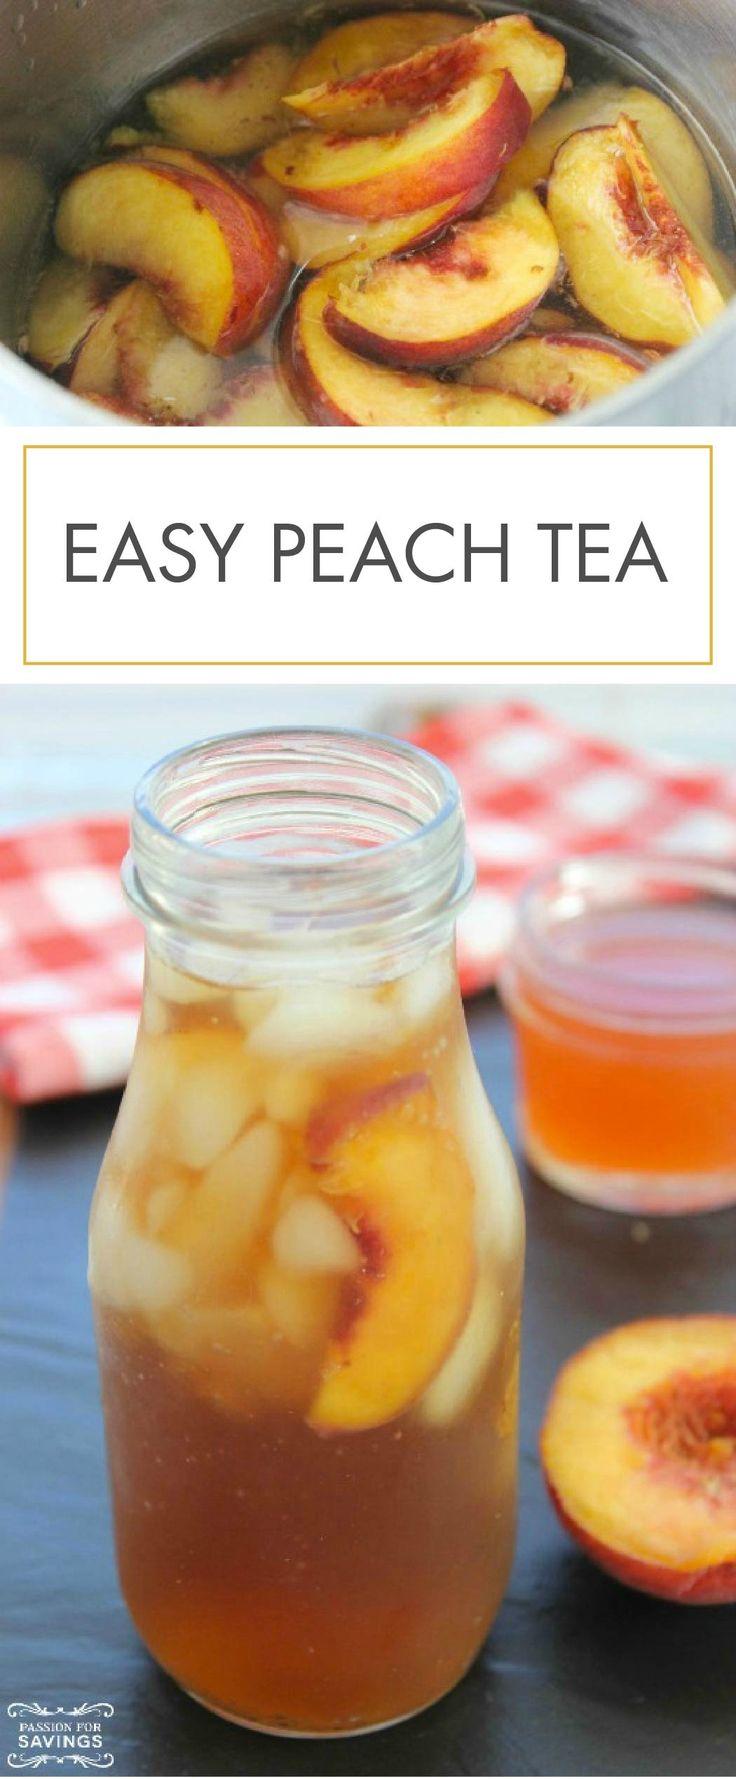 This Easy Peach Tea